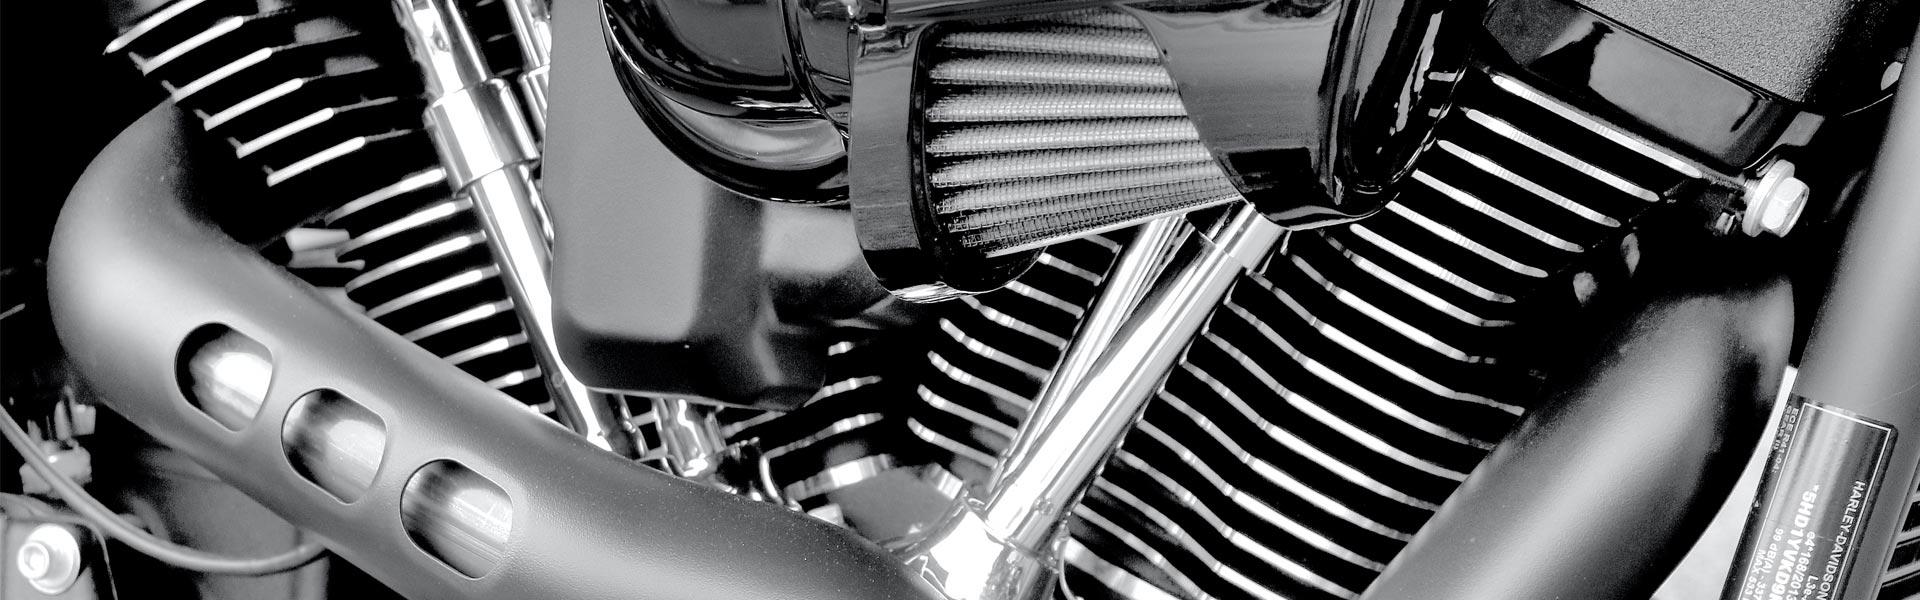 Les motos seront-elles un jour bridées